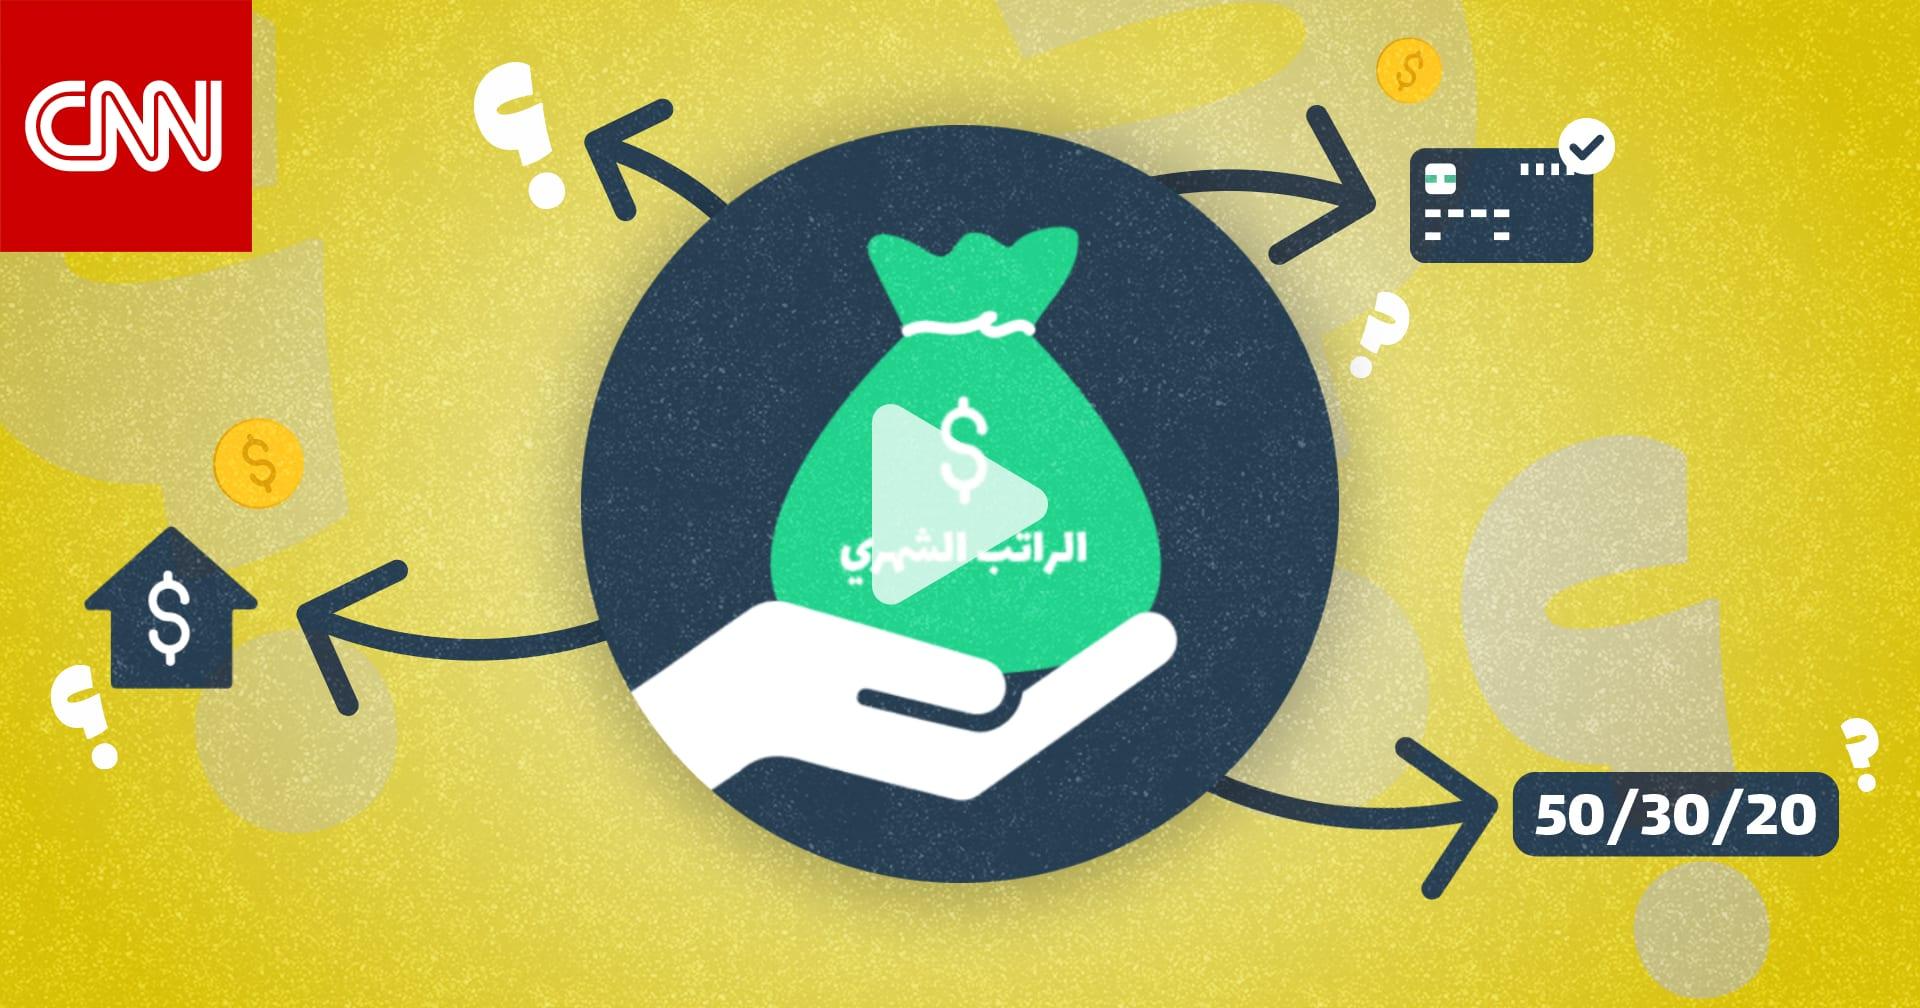 هل تبحث عن طريقة لتوفير المال؟ اتبع هذه القاعدة لتقسيم راتبك الشهري